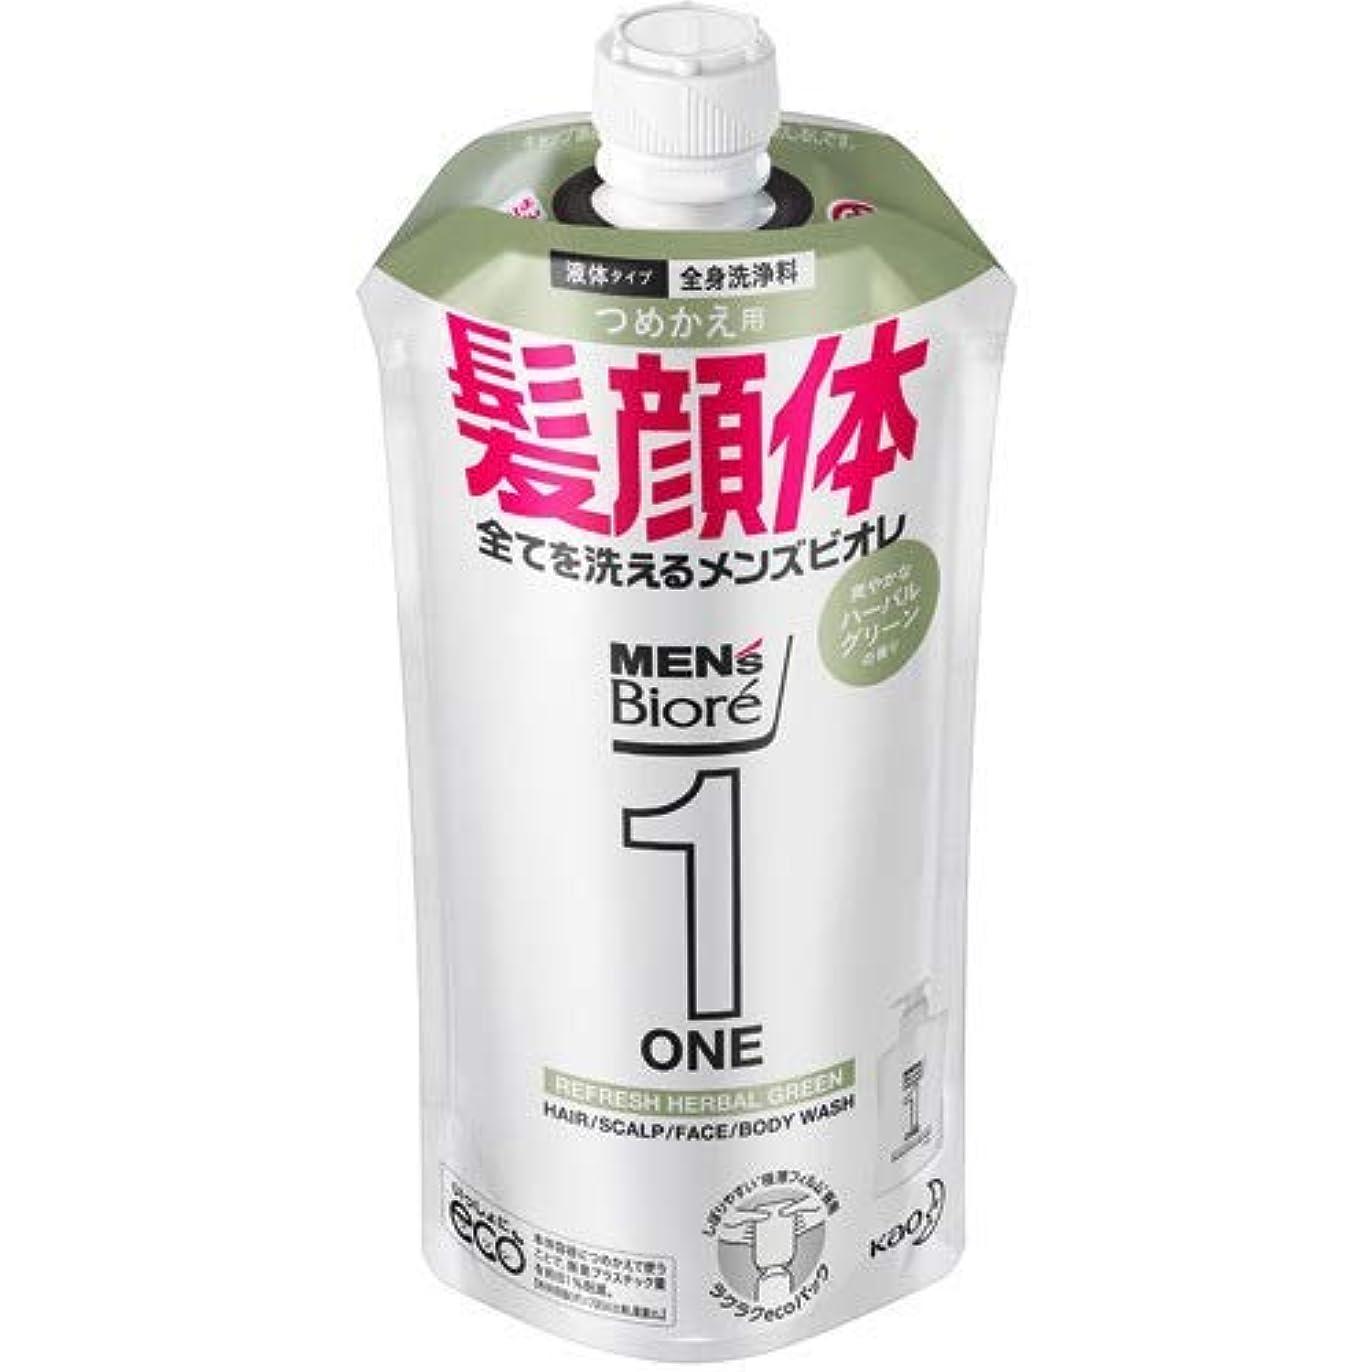 協会びっくりスペクトラム【10個セット】メンズビオレONE オールインワン全身洗浄料 爽やかなハーブルグリーンの香り つめかえ用 340mL